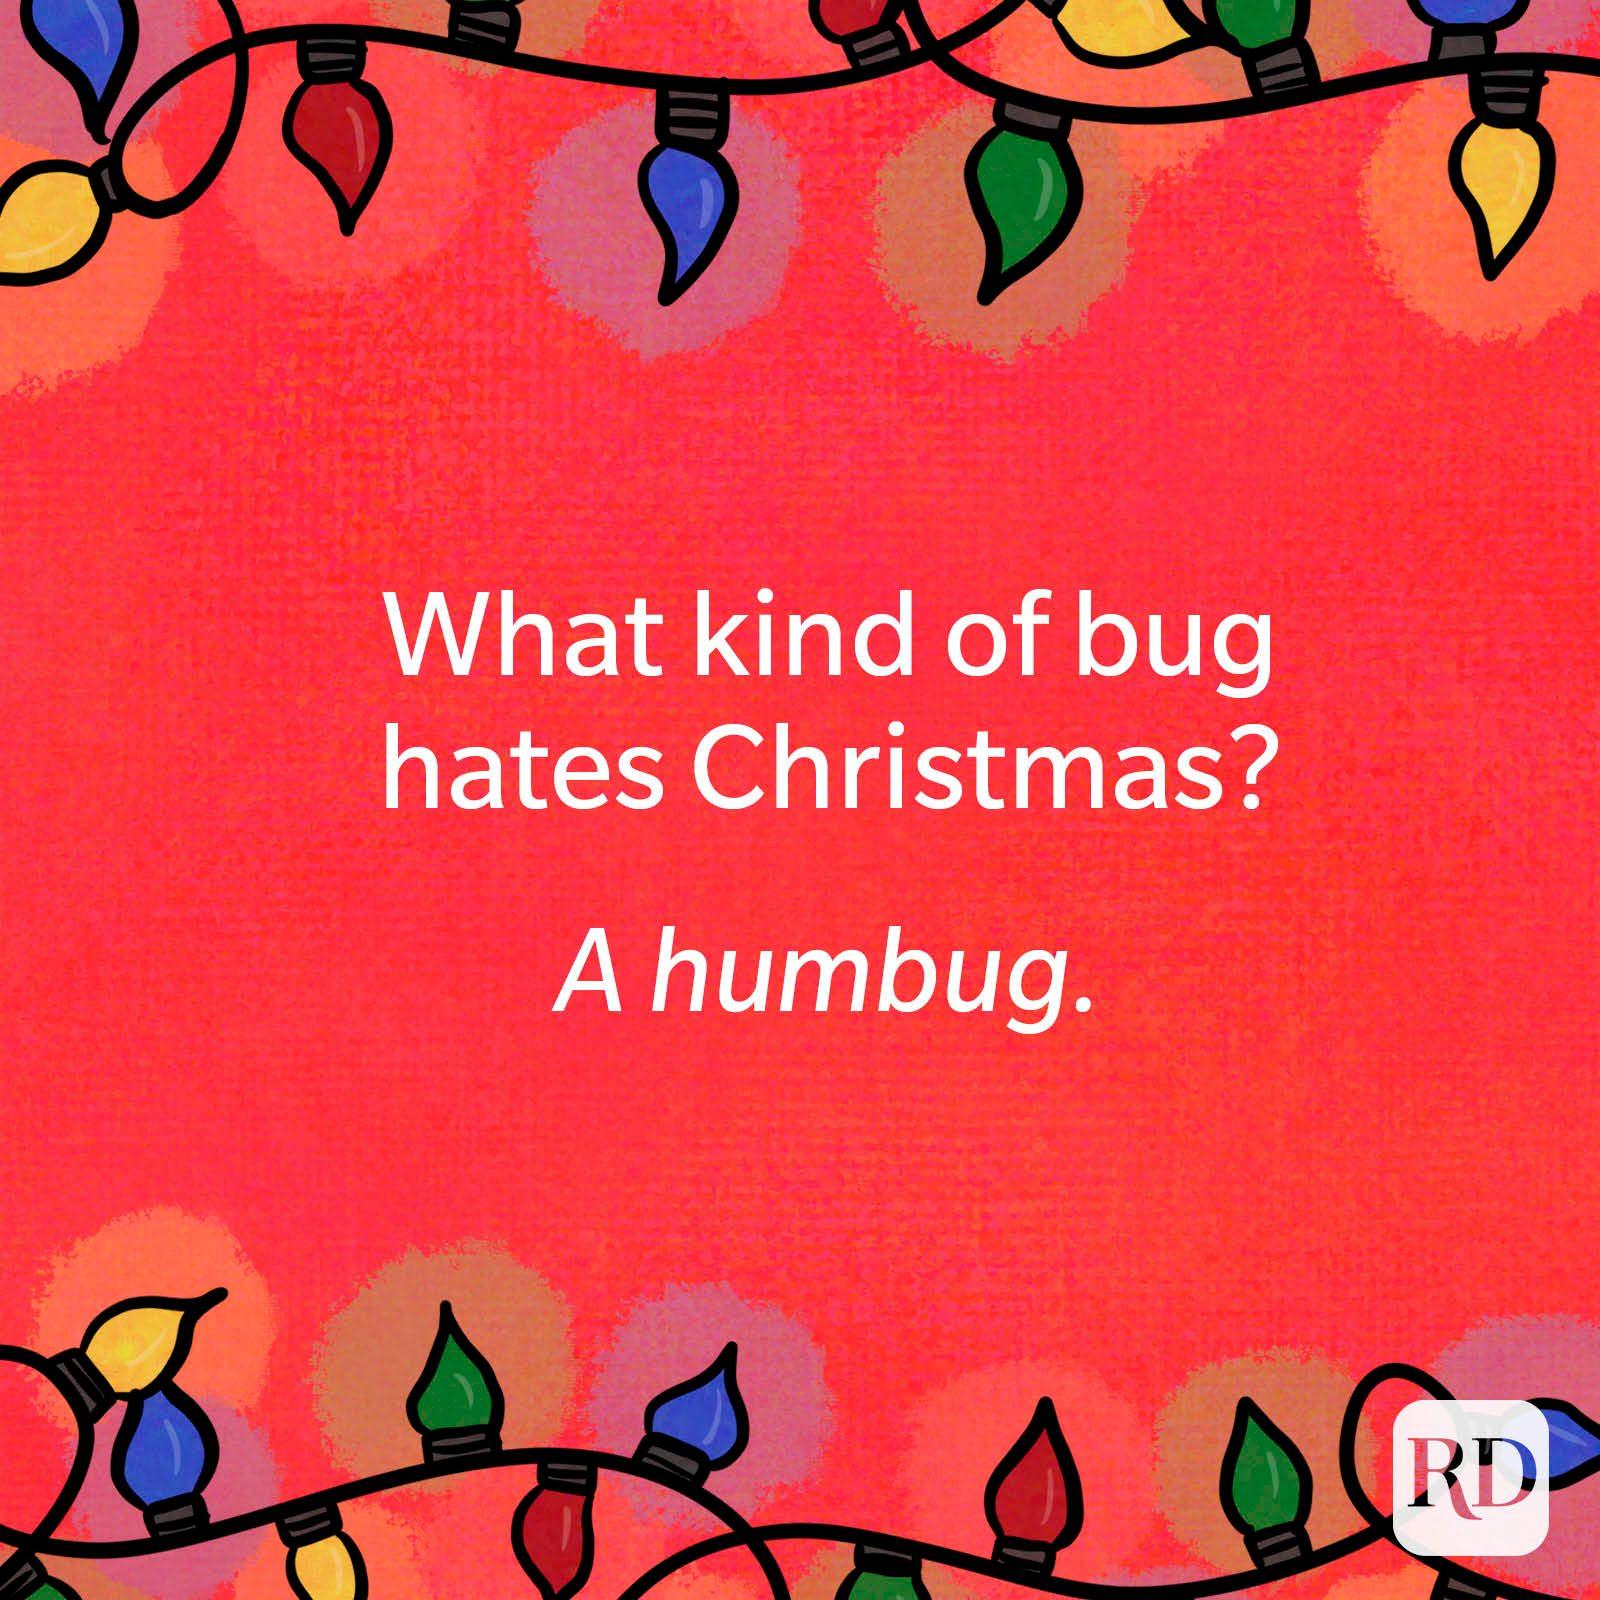 What kind of bug hates Christmas?